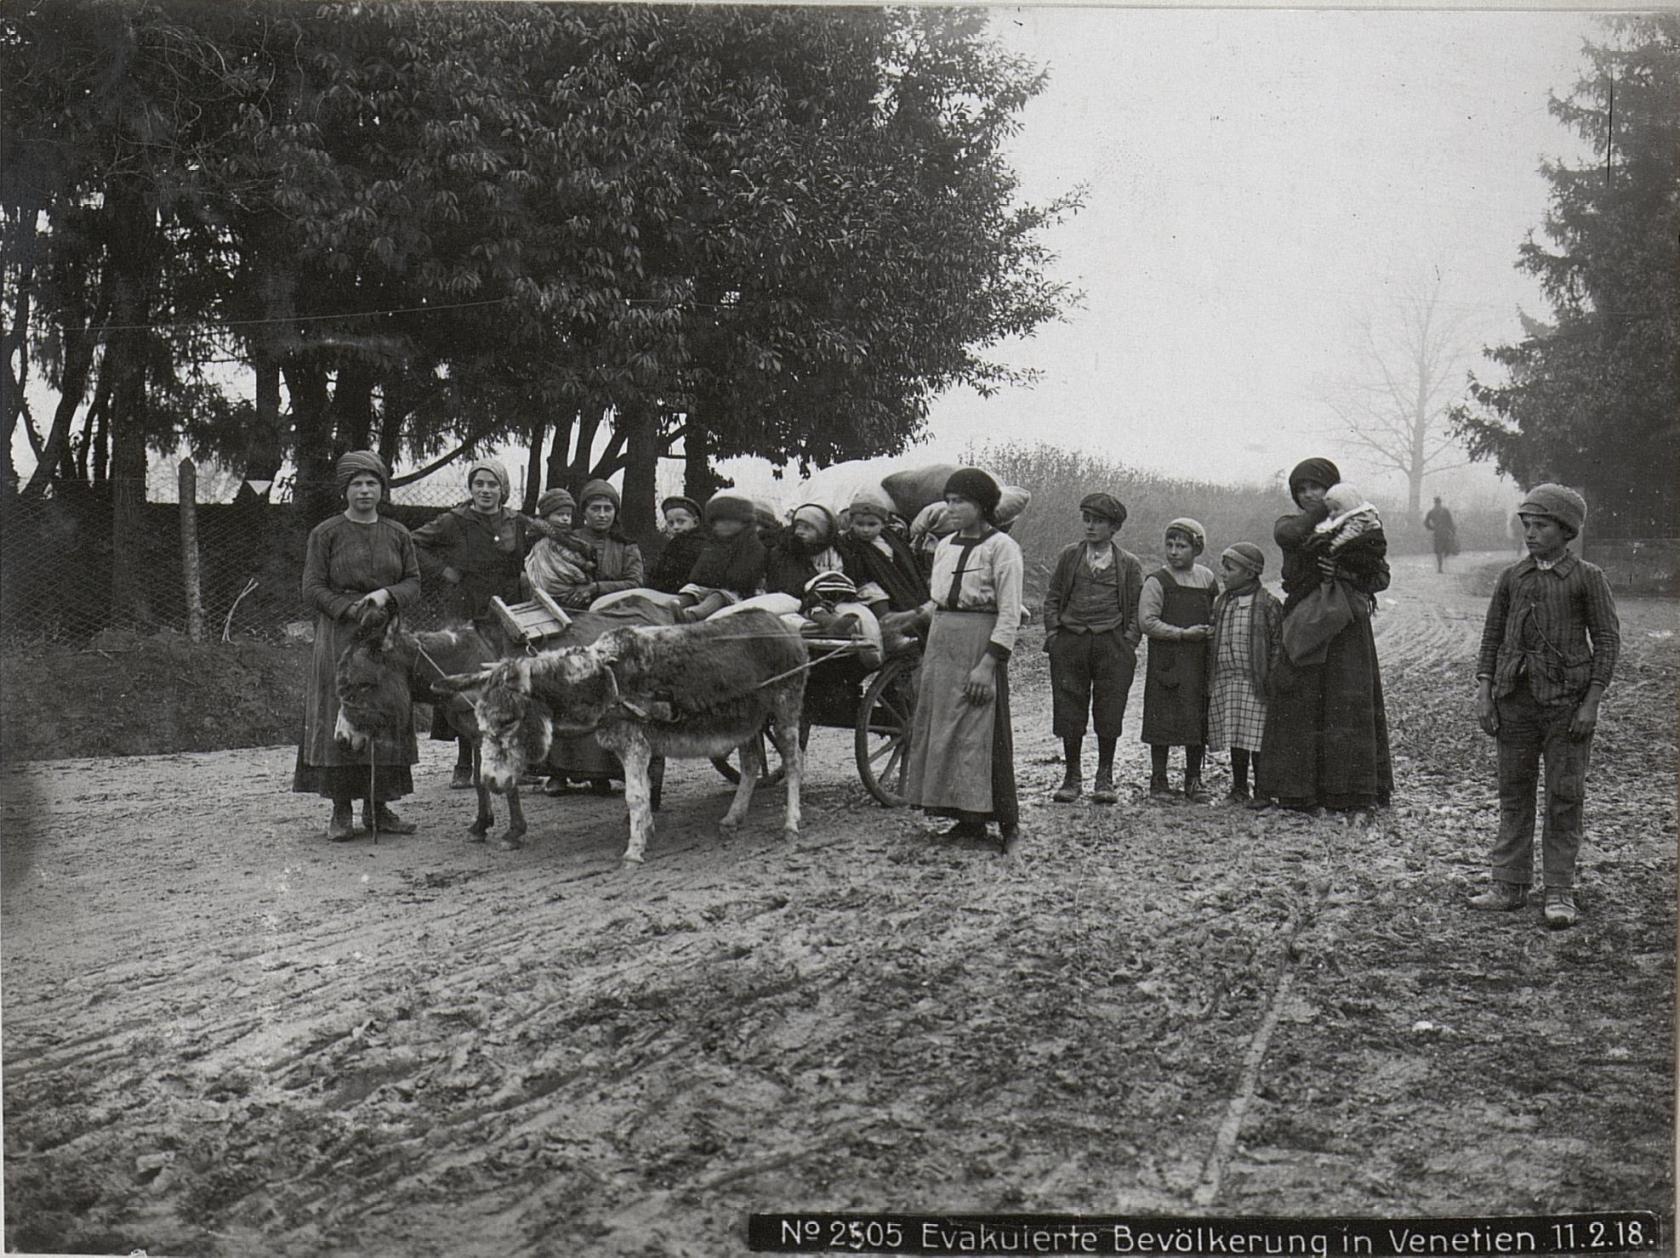 Profughi italiani, fuggiti nel corso della rotta di Caporetto, su una strada del Veneto nel febbraio 1918